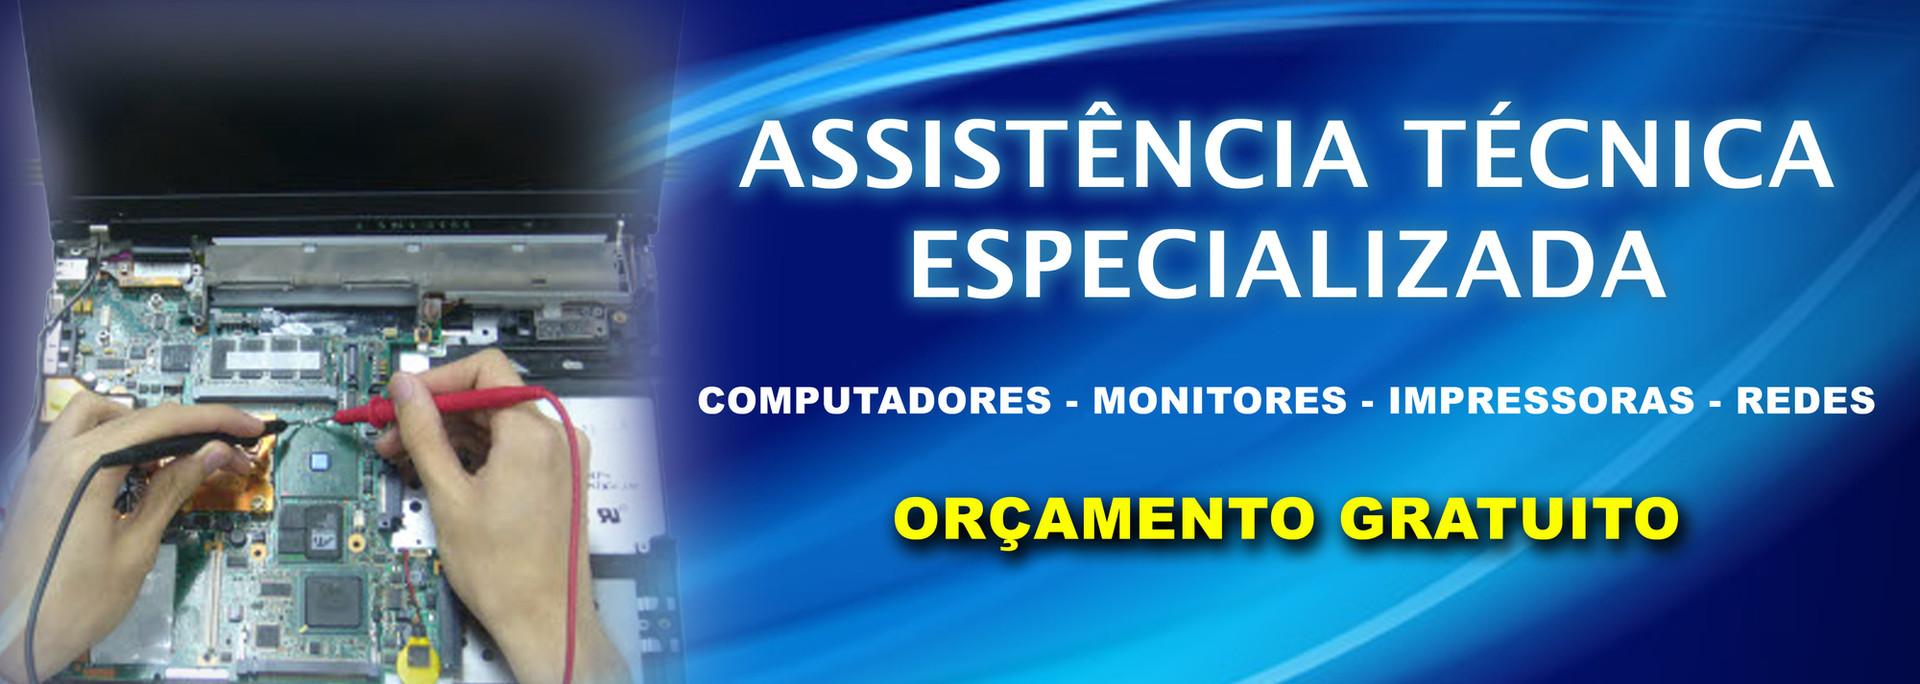 BANNER_Assistencia+Tecnica+c%C3%B3pia.jp